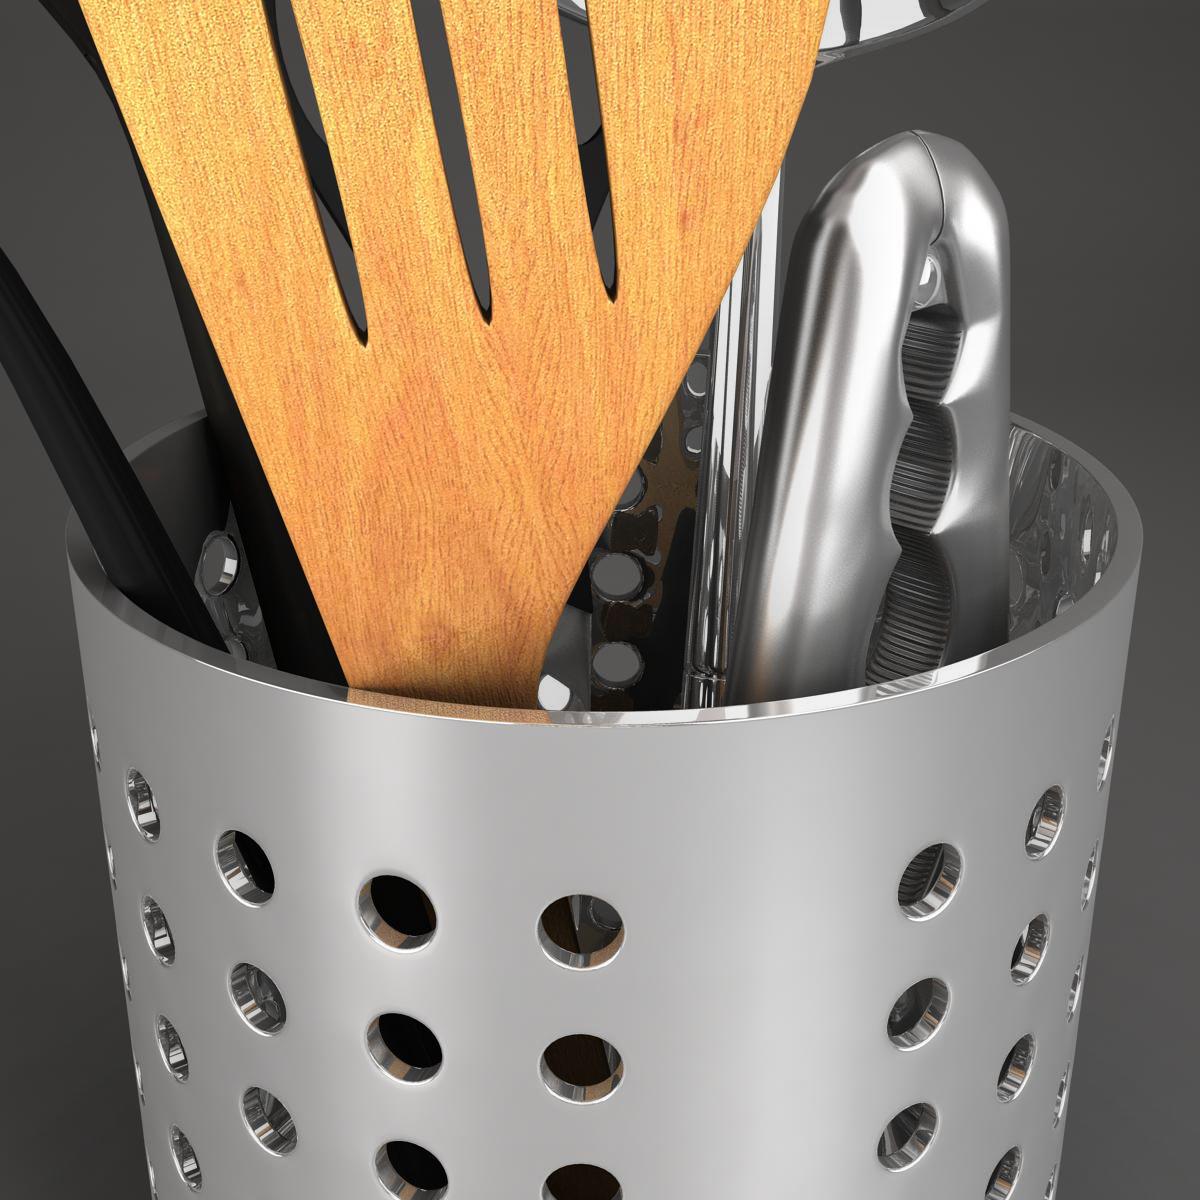 kitche utensils kit 3d model max fbx c4d ma mb obj 159293